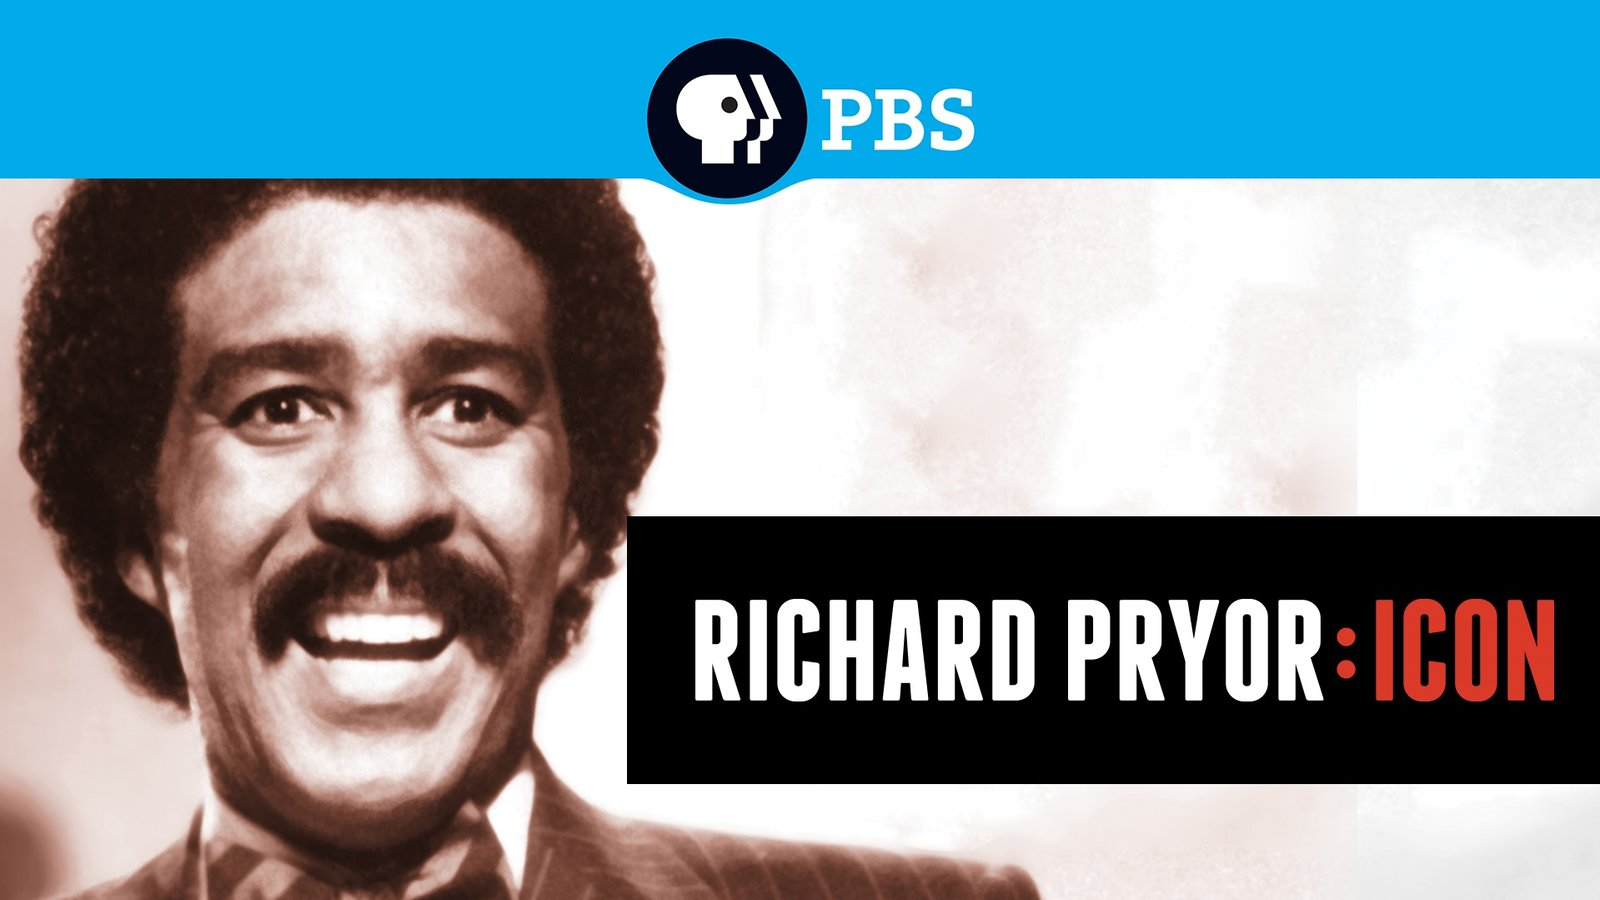 Richard Pryor: Icon - The Life and Career of an American Comic